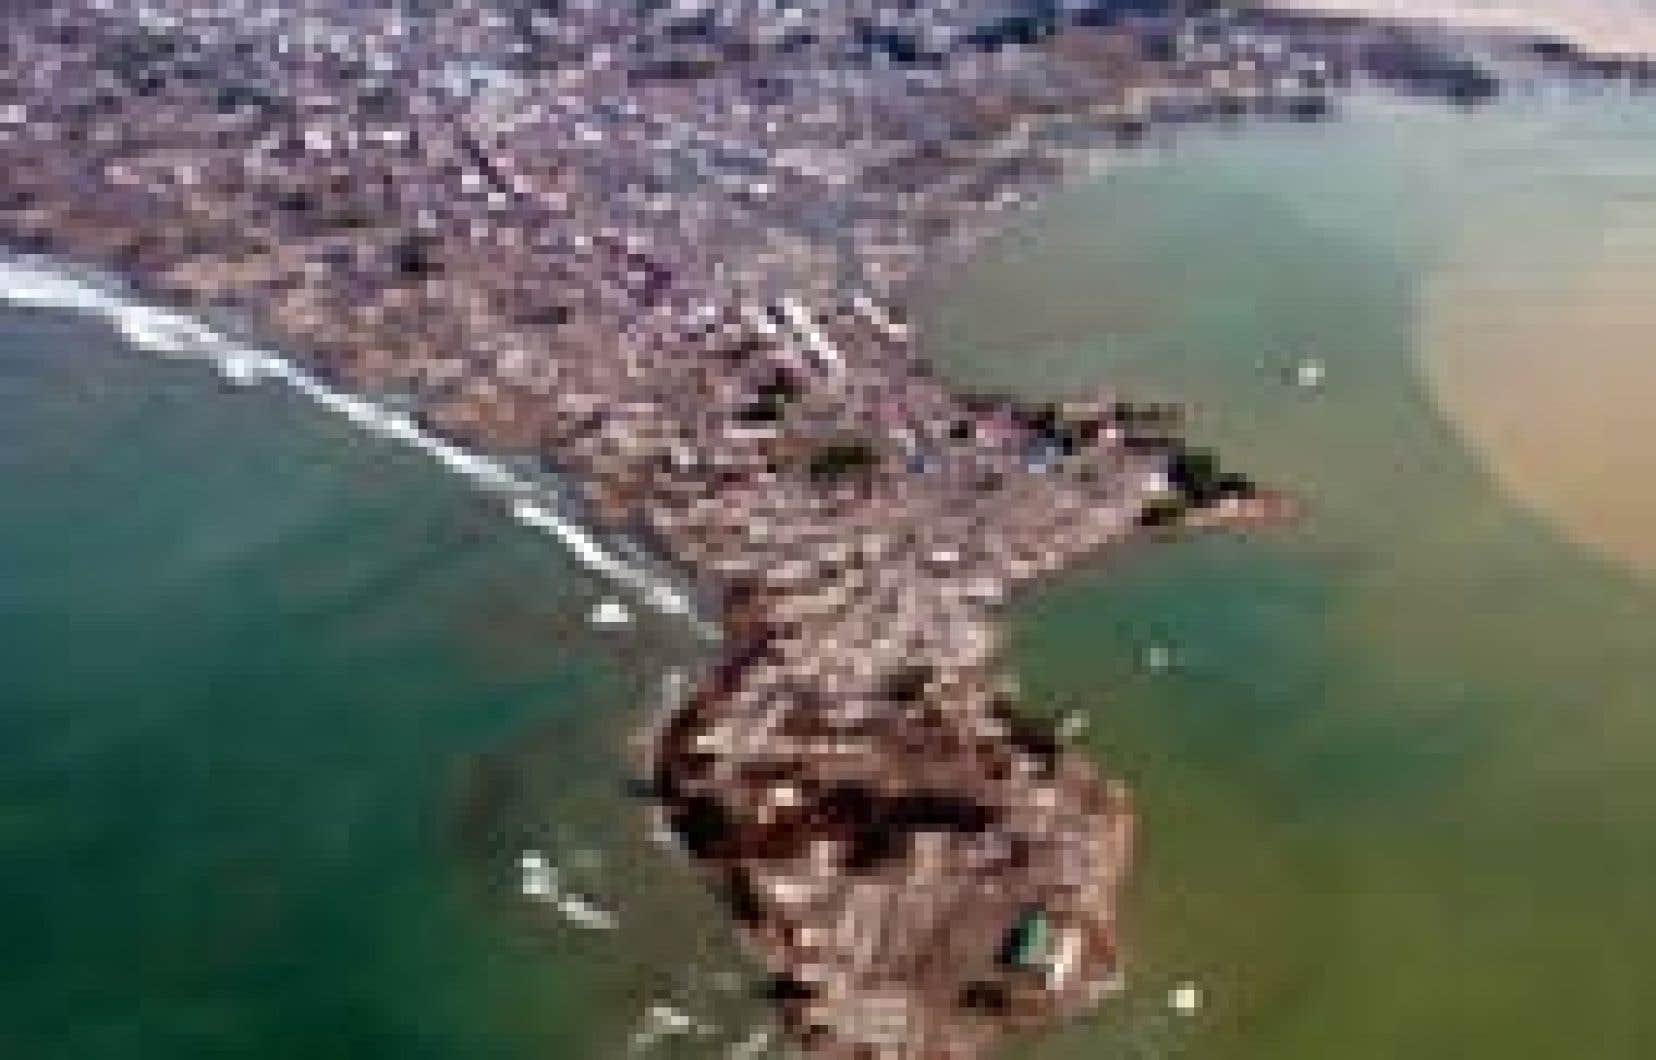 Une vue aérienne de Meulaboh, dans la province indonésienne d'Aceh, après les tsunamis qui ont submergé et détruit une partie de la ville.